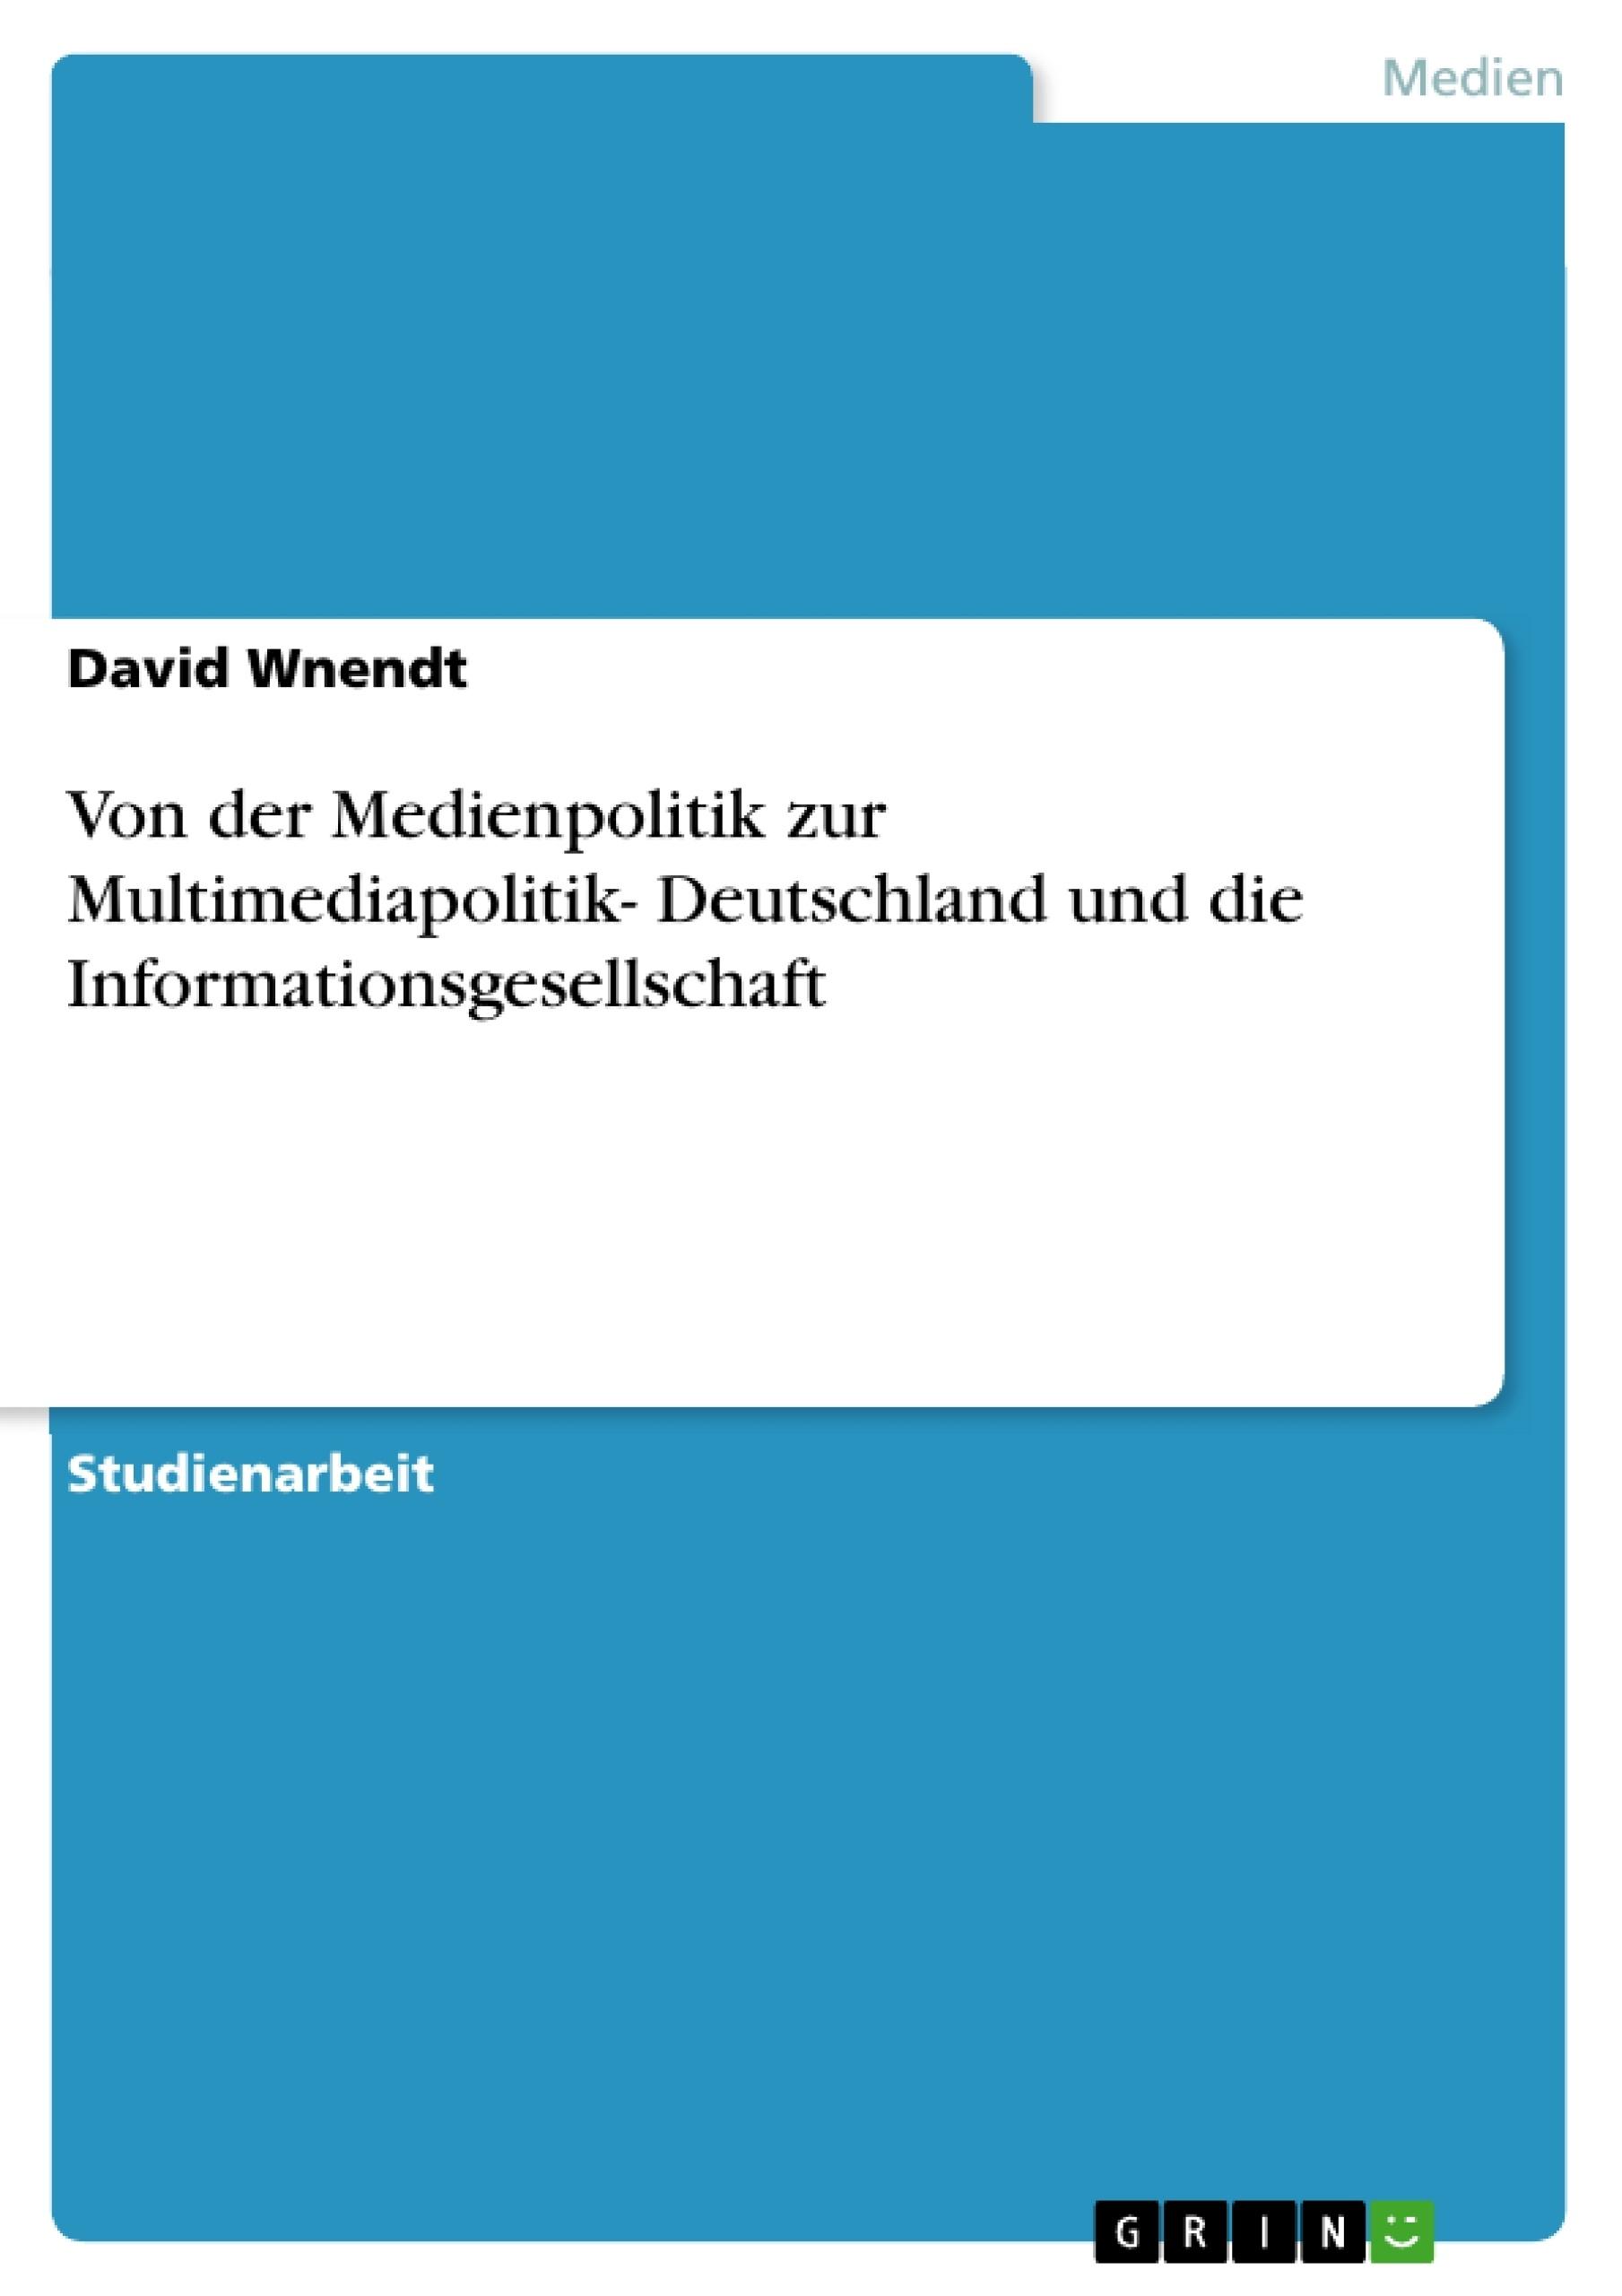 Titel: Von der Medienpolitik zur Multimediapolitik- Deutschland und die Informationsgesellschaft